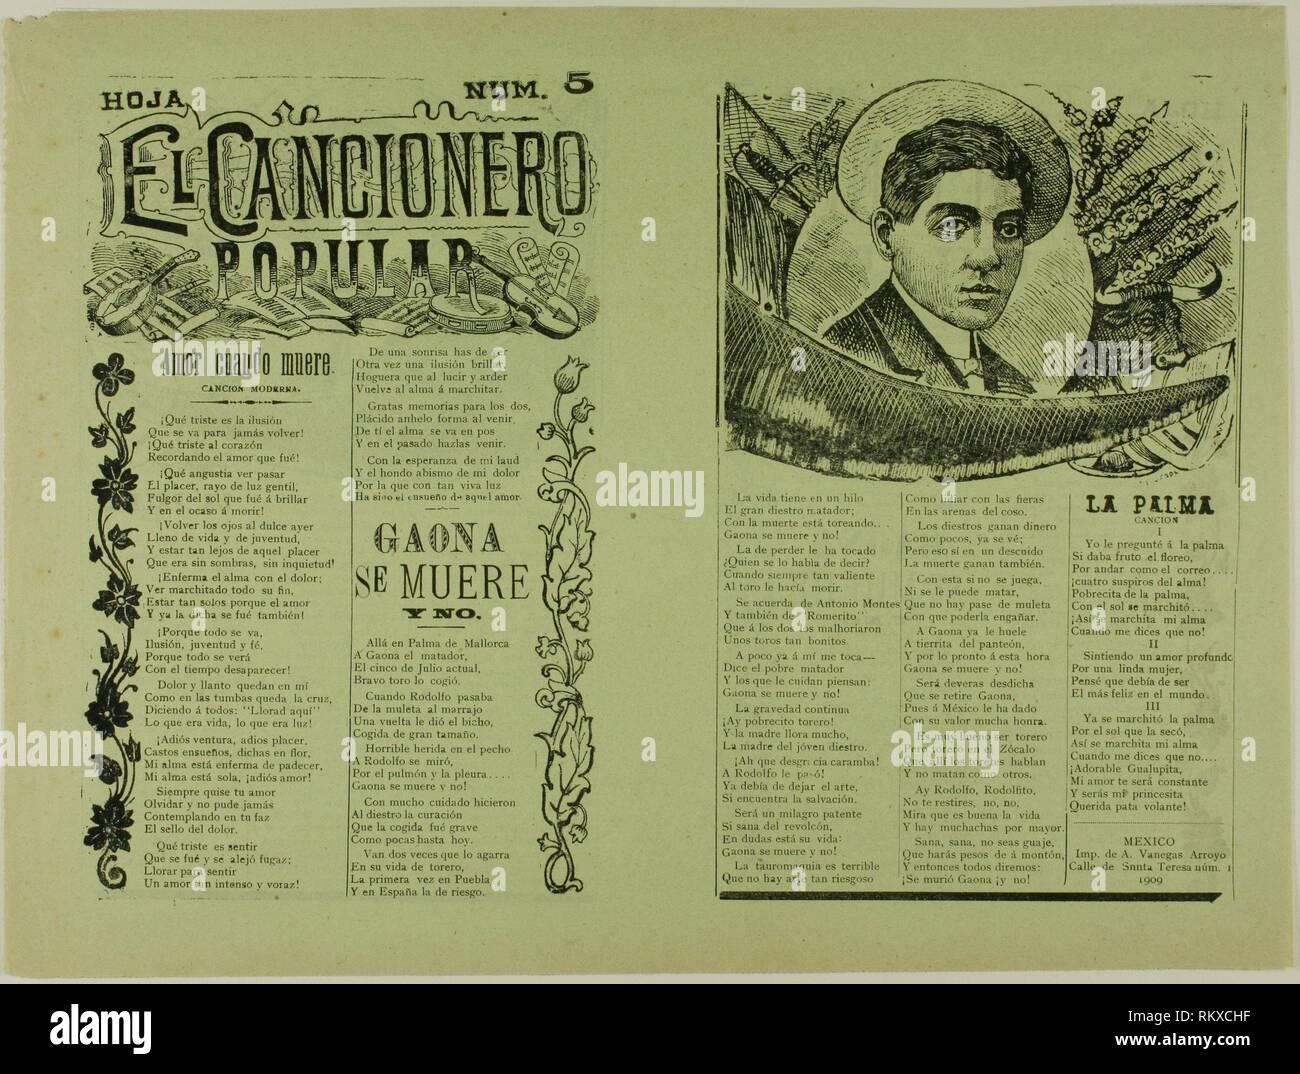 15dc7c9cba El cancionero popular